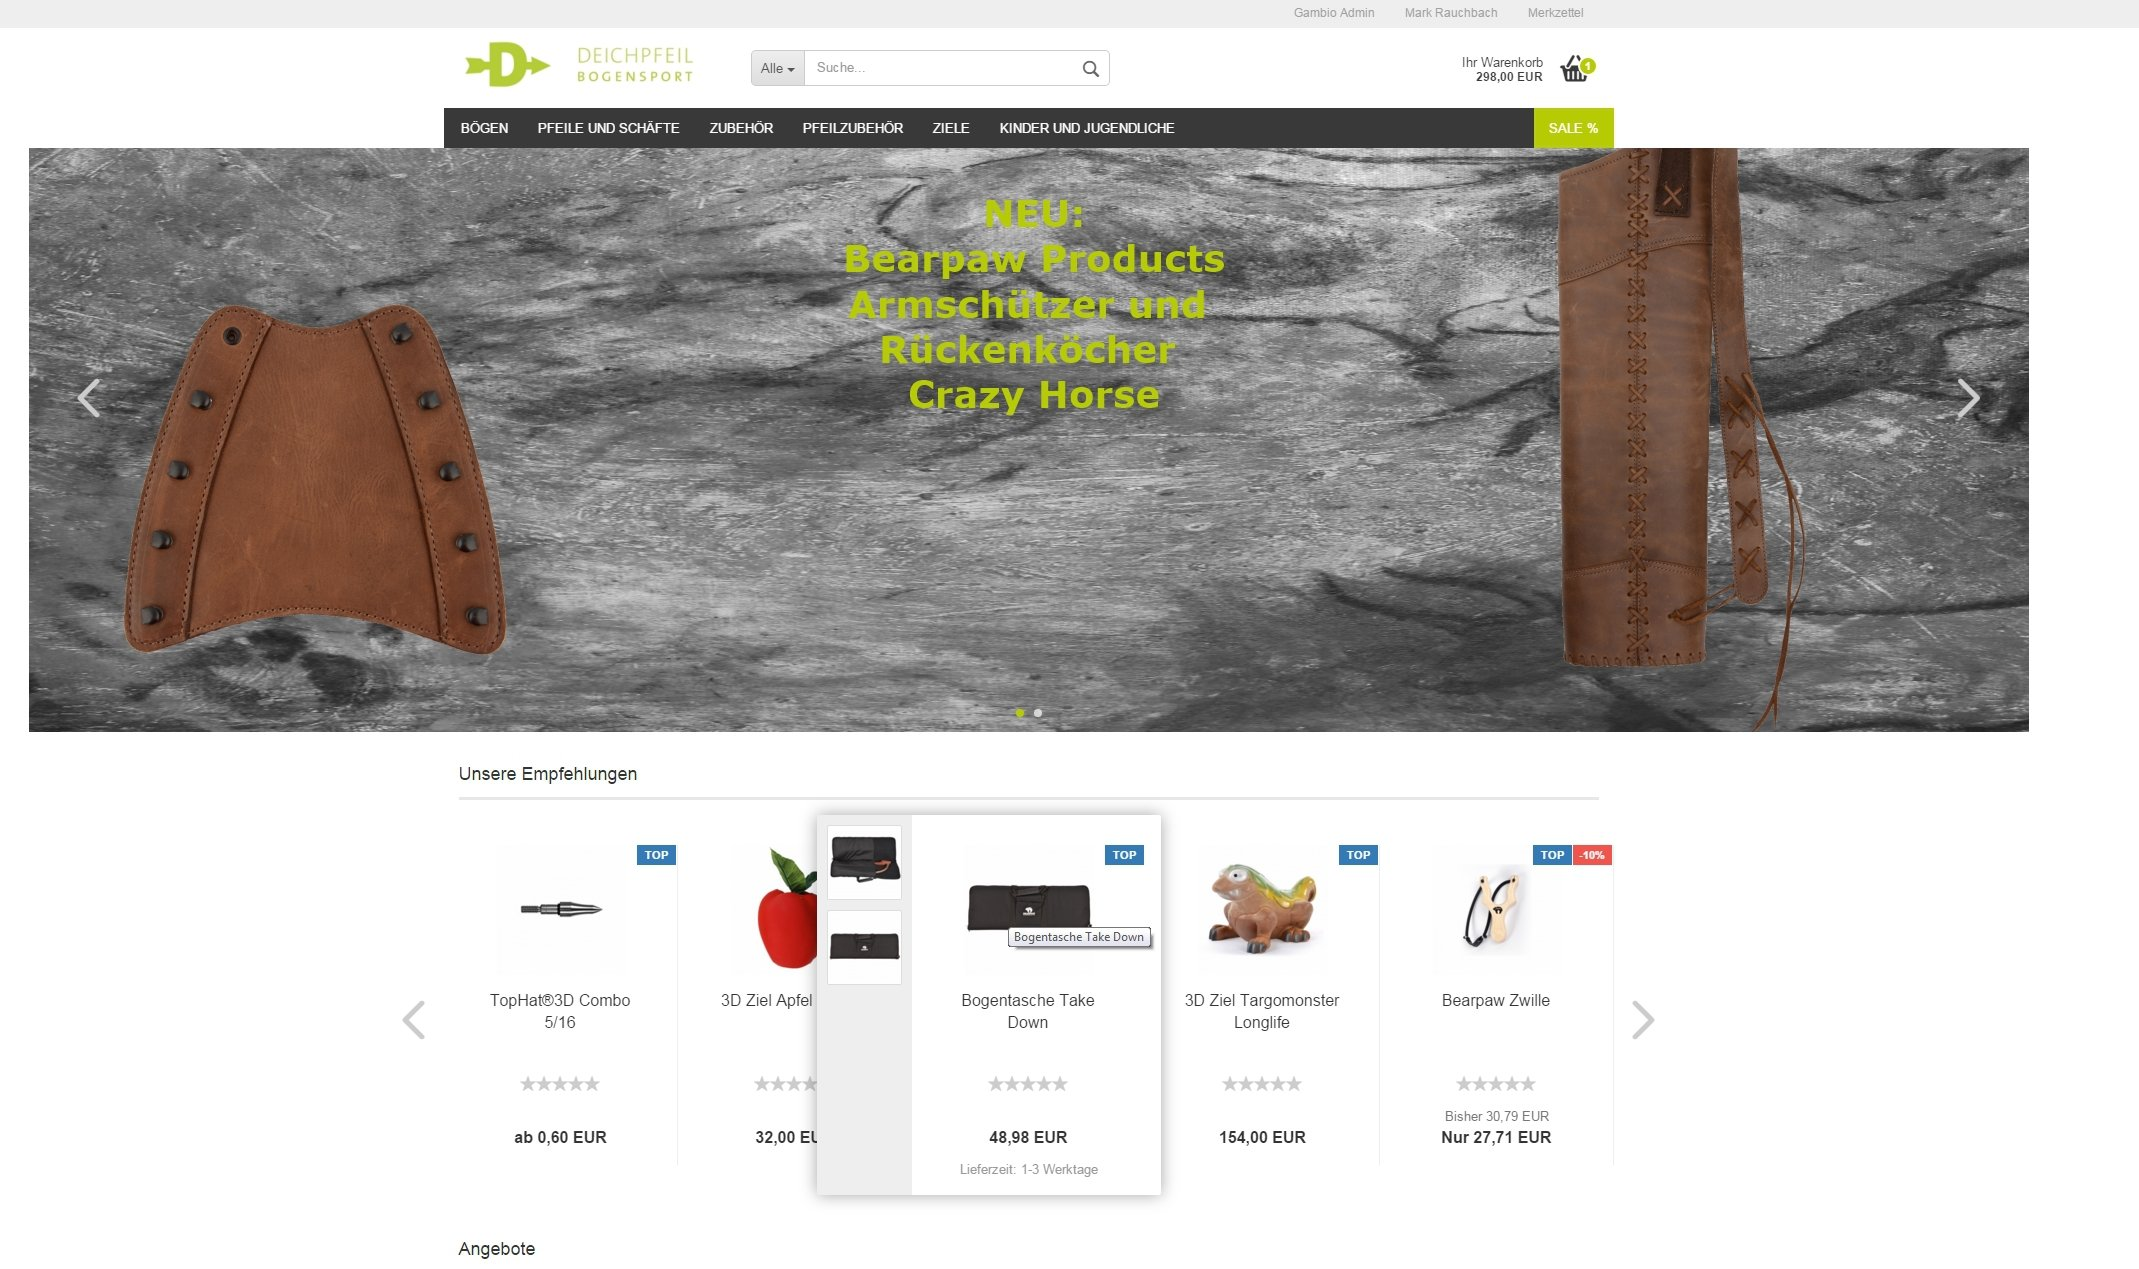 Onlineshop für Bogensportartikel Bearpaw Fachhändler